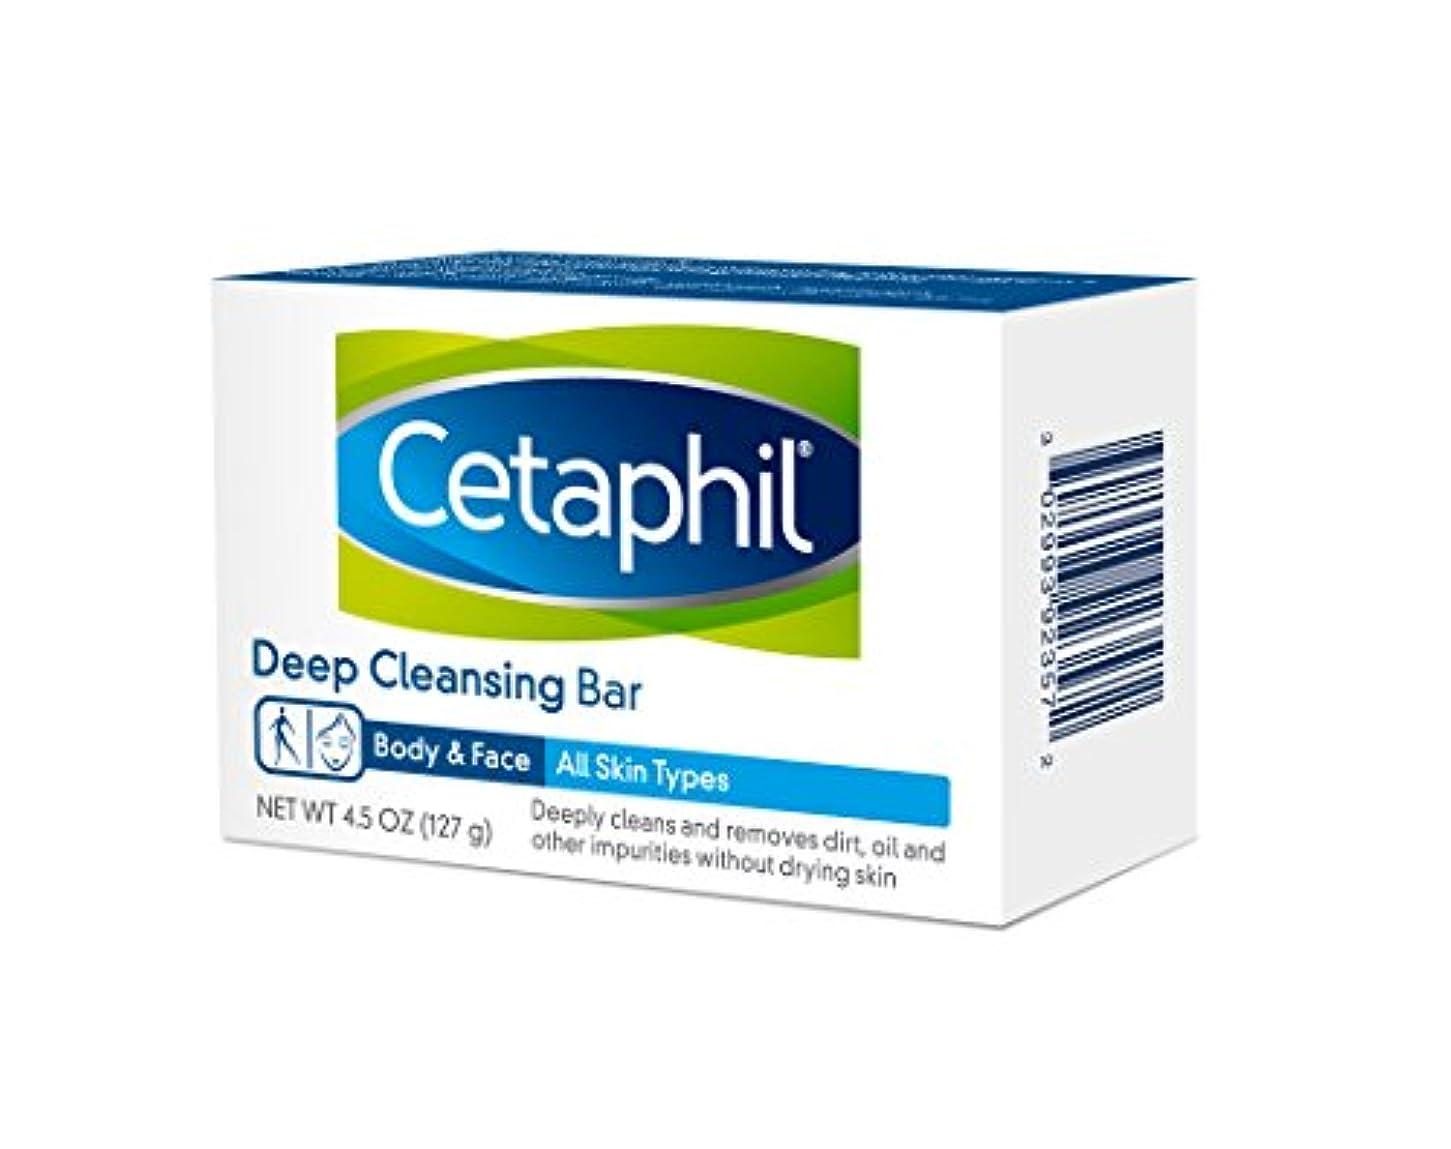 ウェイターファンシージャーナリストCetaphil Deep Cleansing Face Body Bar for All Skin Types 127g×6個セット 並行輸入品